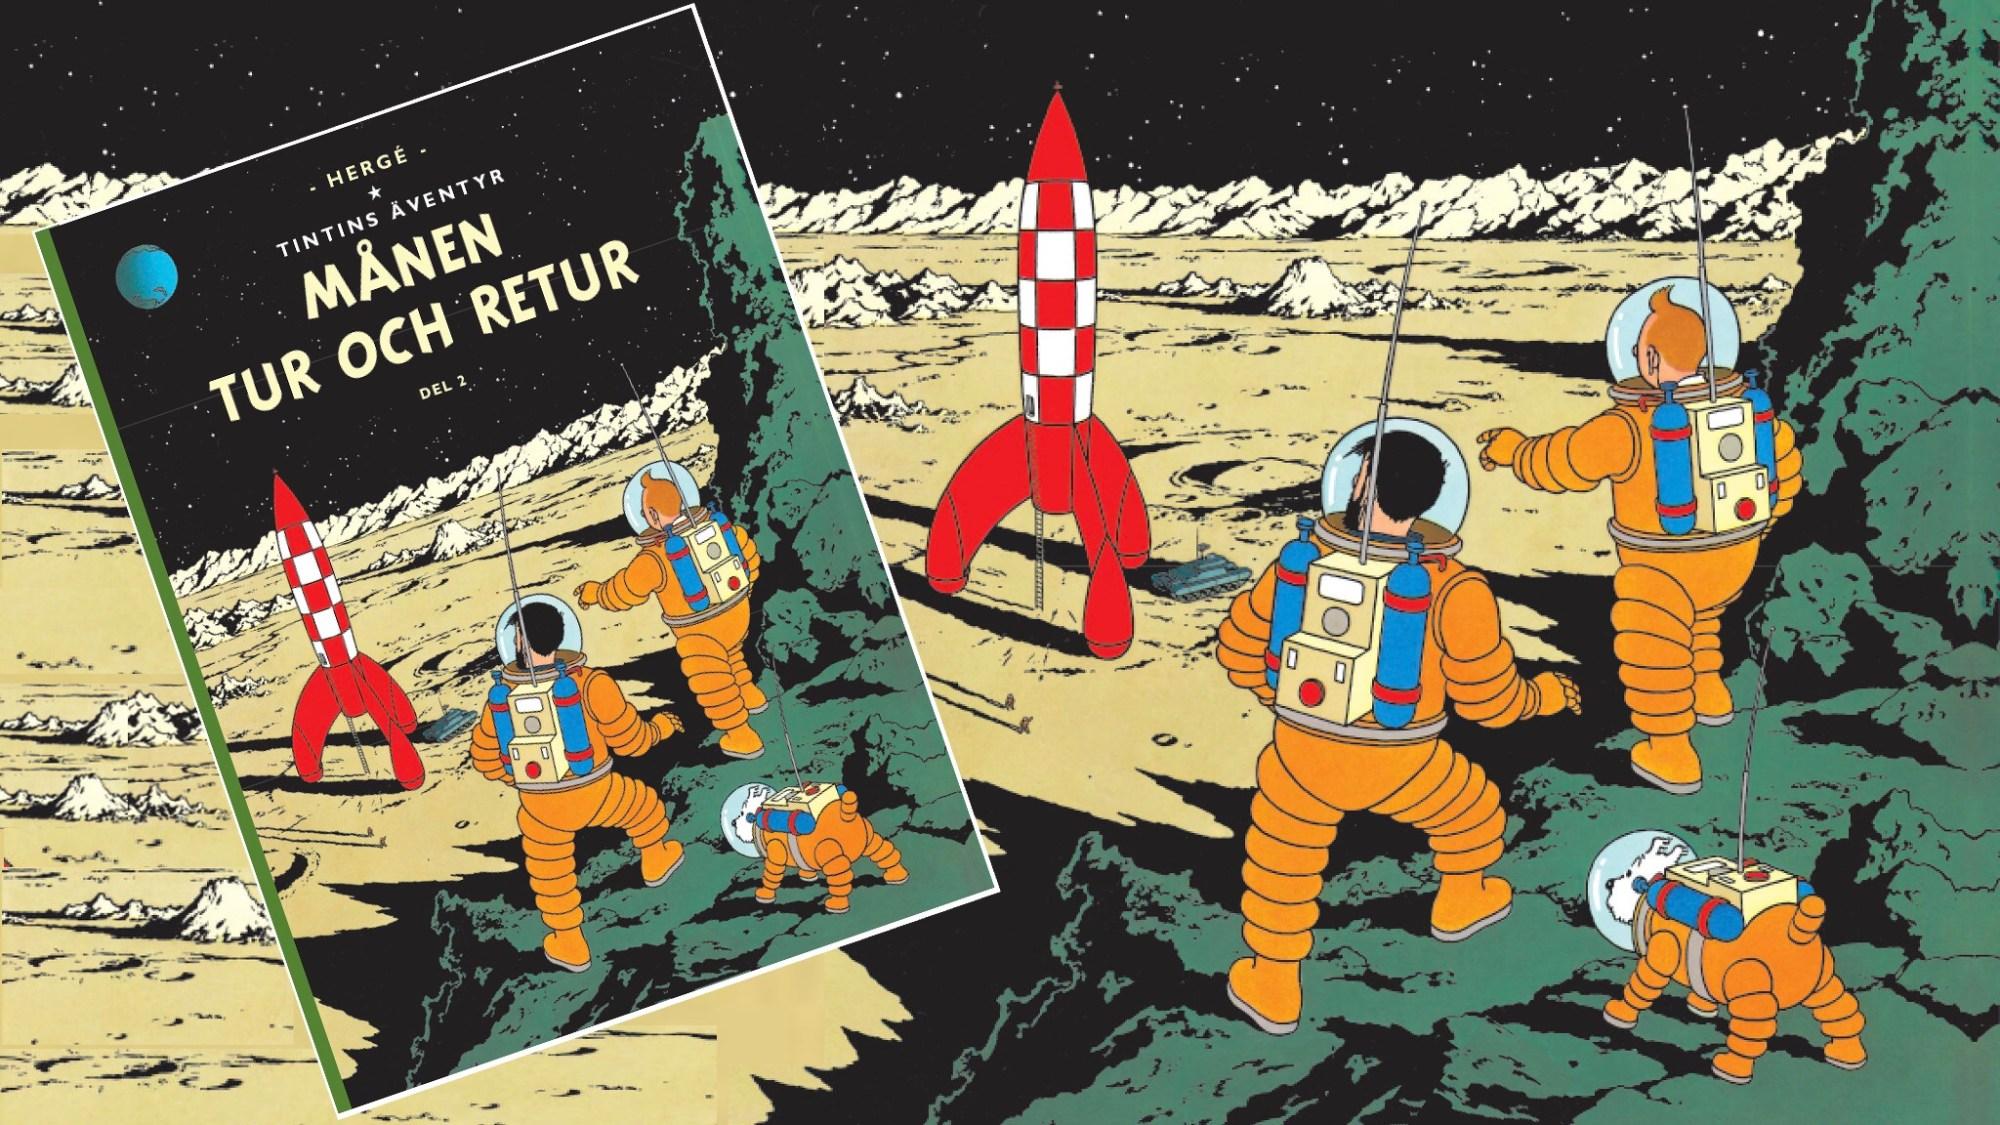 Månen tur och retur, med Tintin, del 2